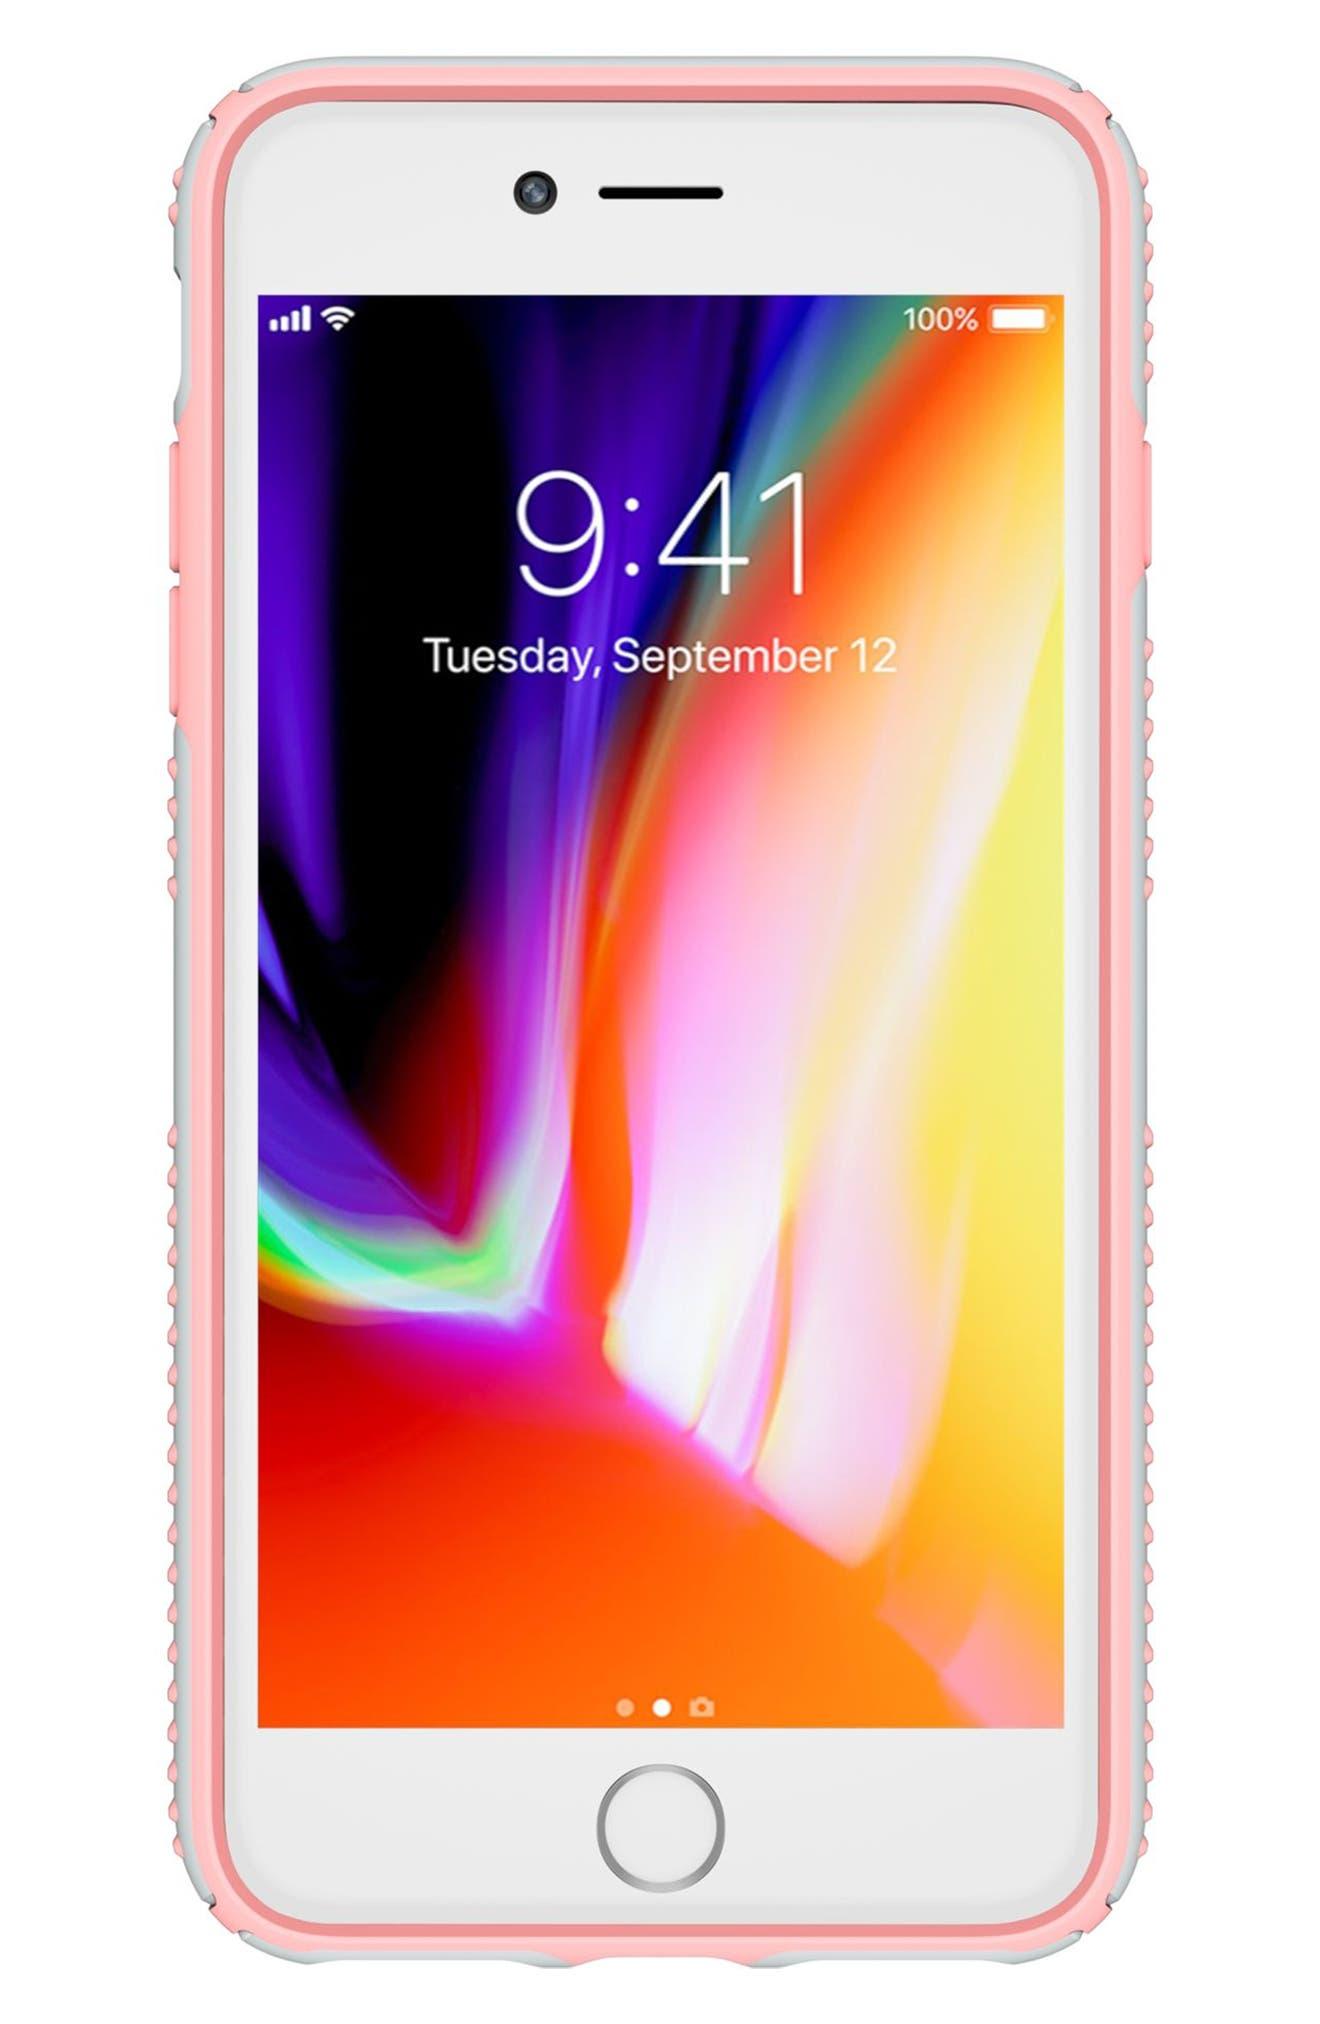 Grip iPhone 6/6s/7/8 Plus Case,                             Alternate thumbnail 3, color,                             020